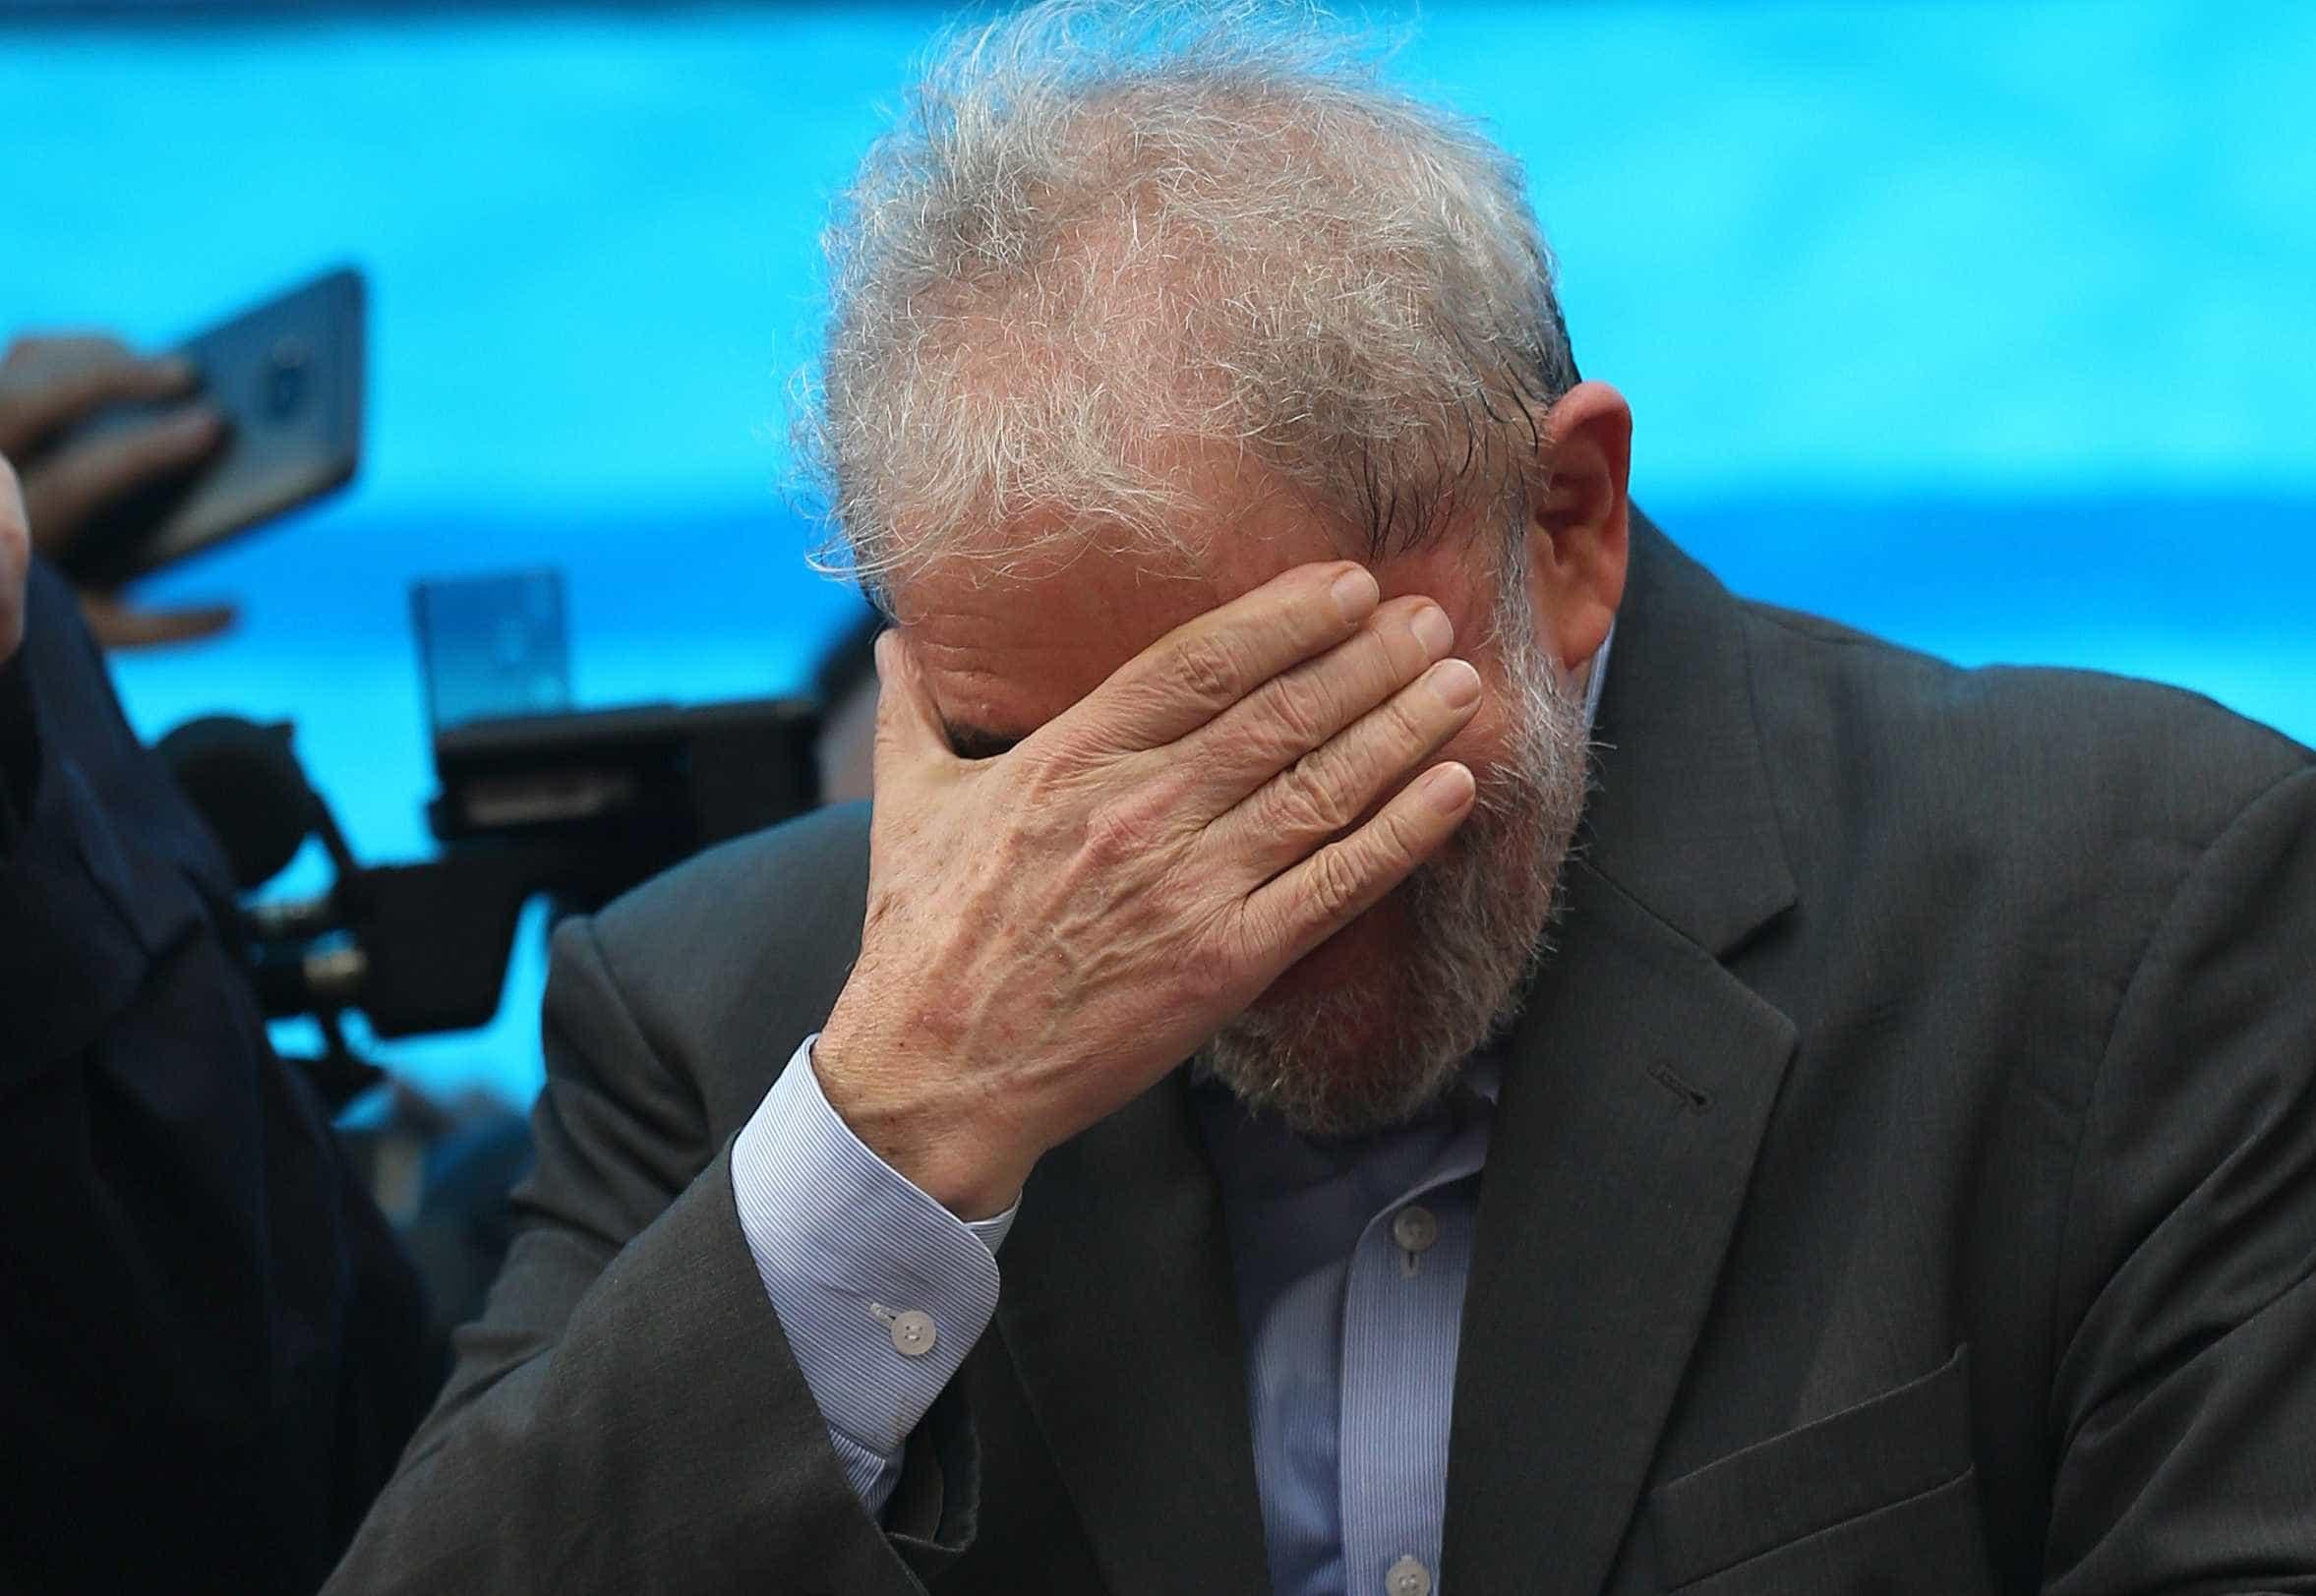 Filho de delator confirma que Lula 'abençoou' negócio fraudulento